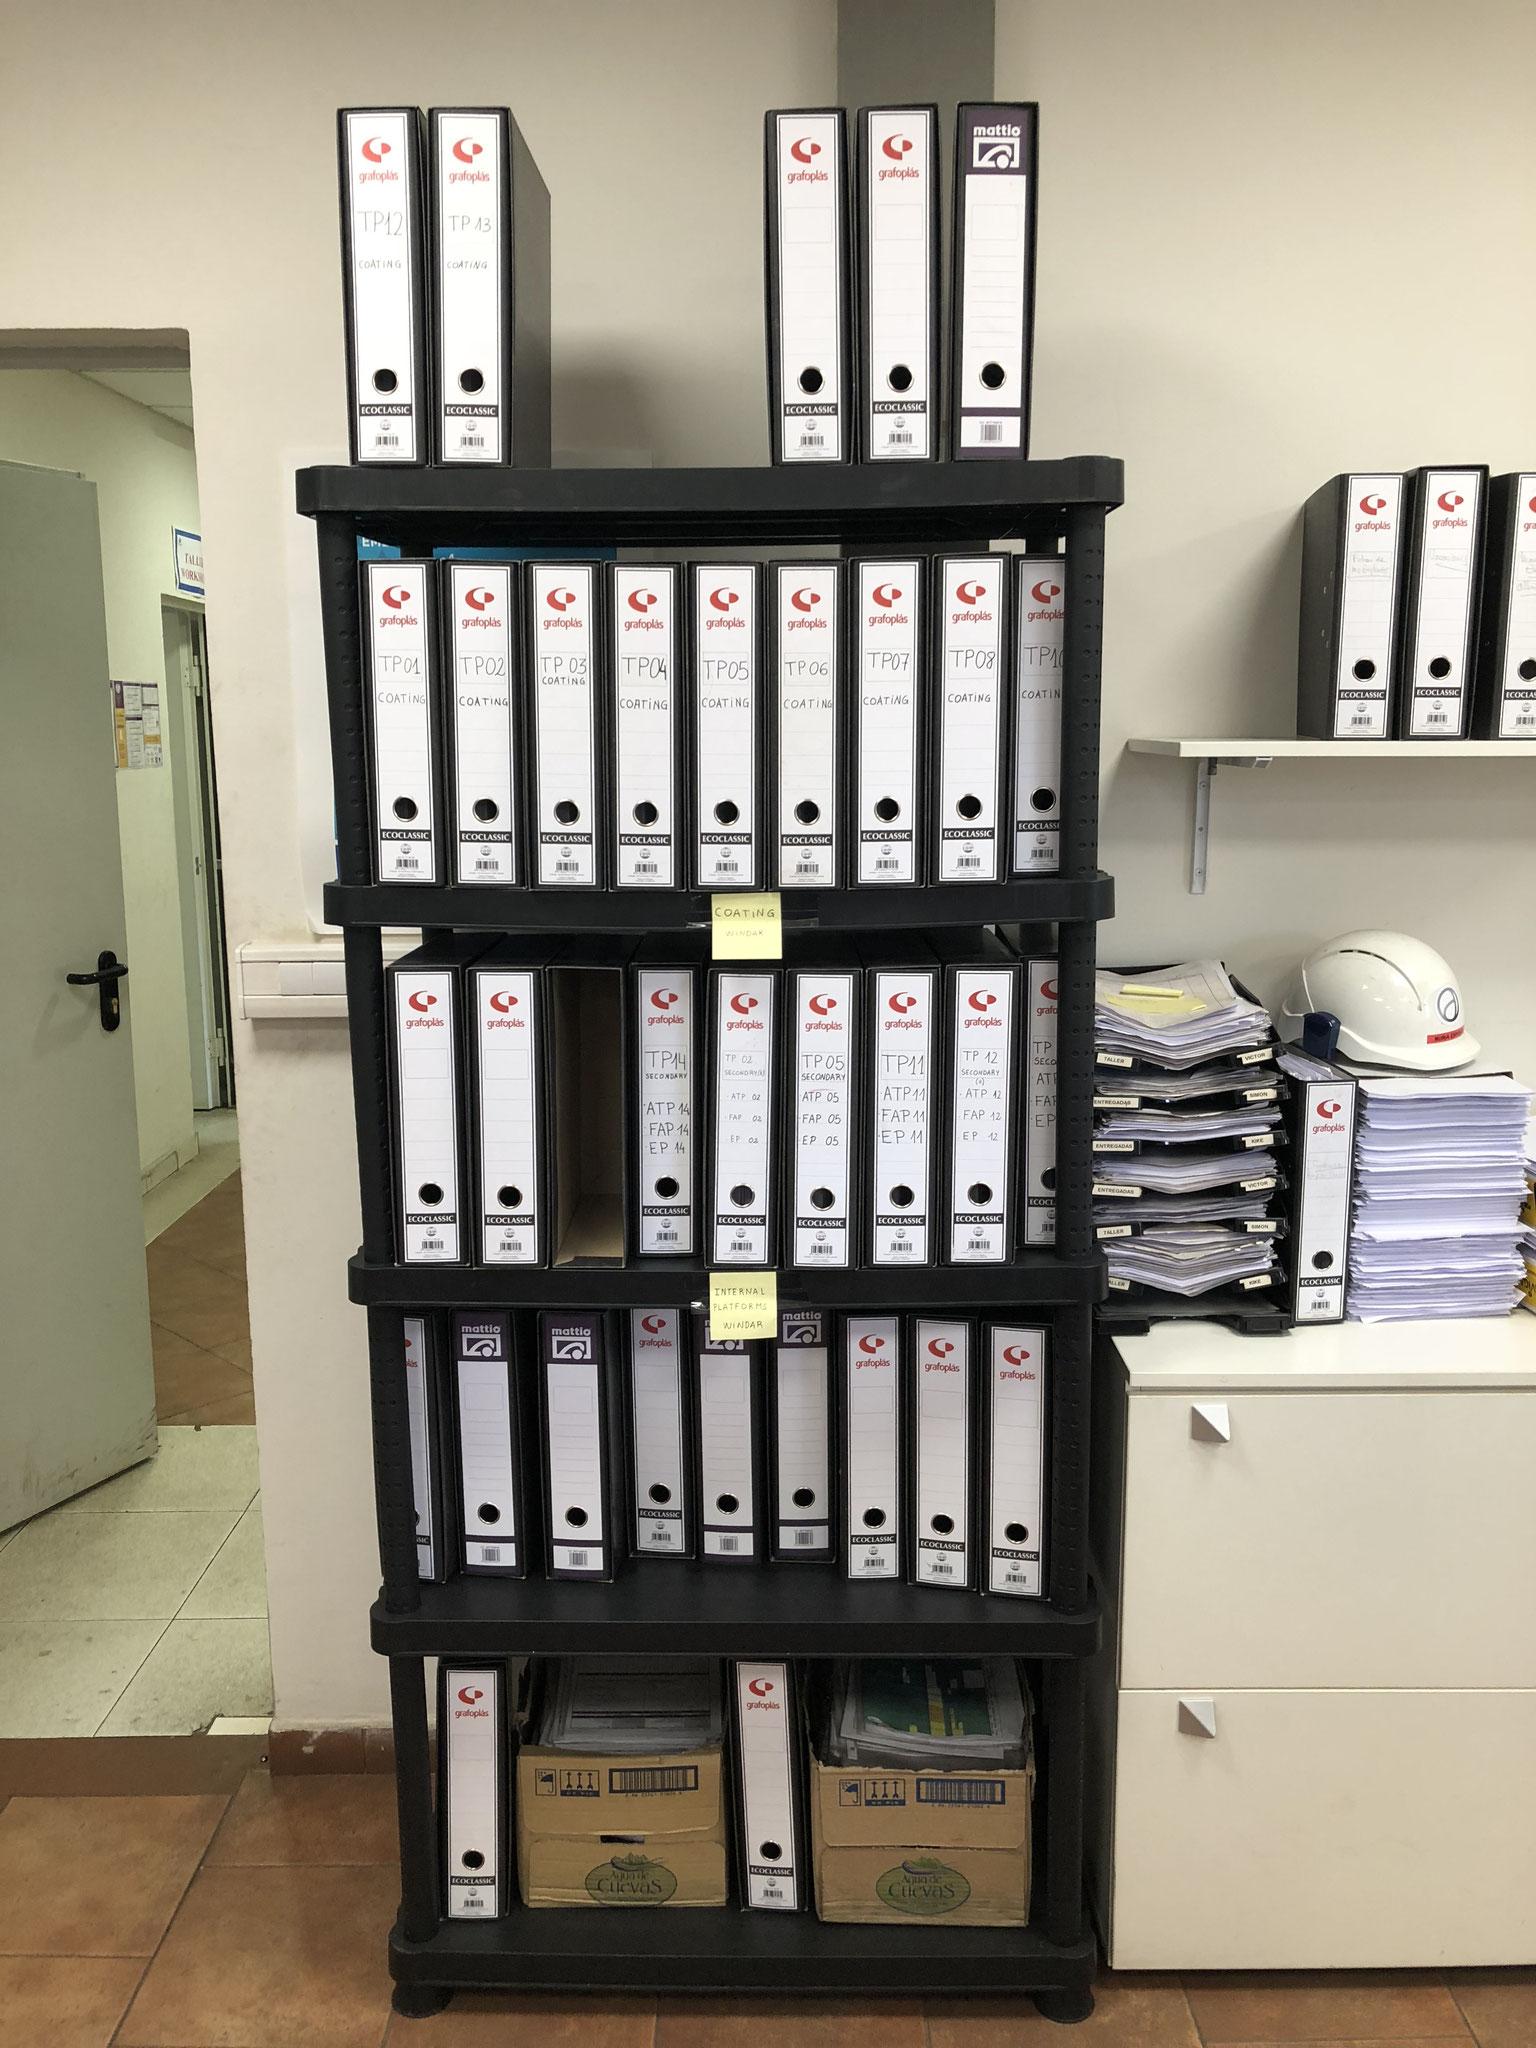 Dokumenteübersicht - Dokumentenstruktur und Prüfprozesse